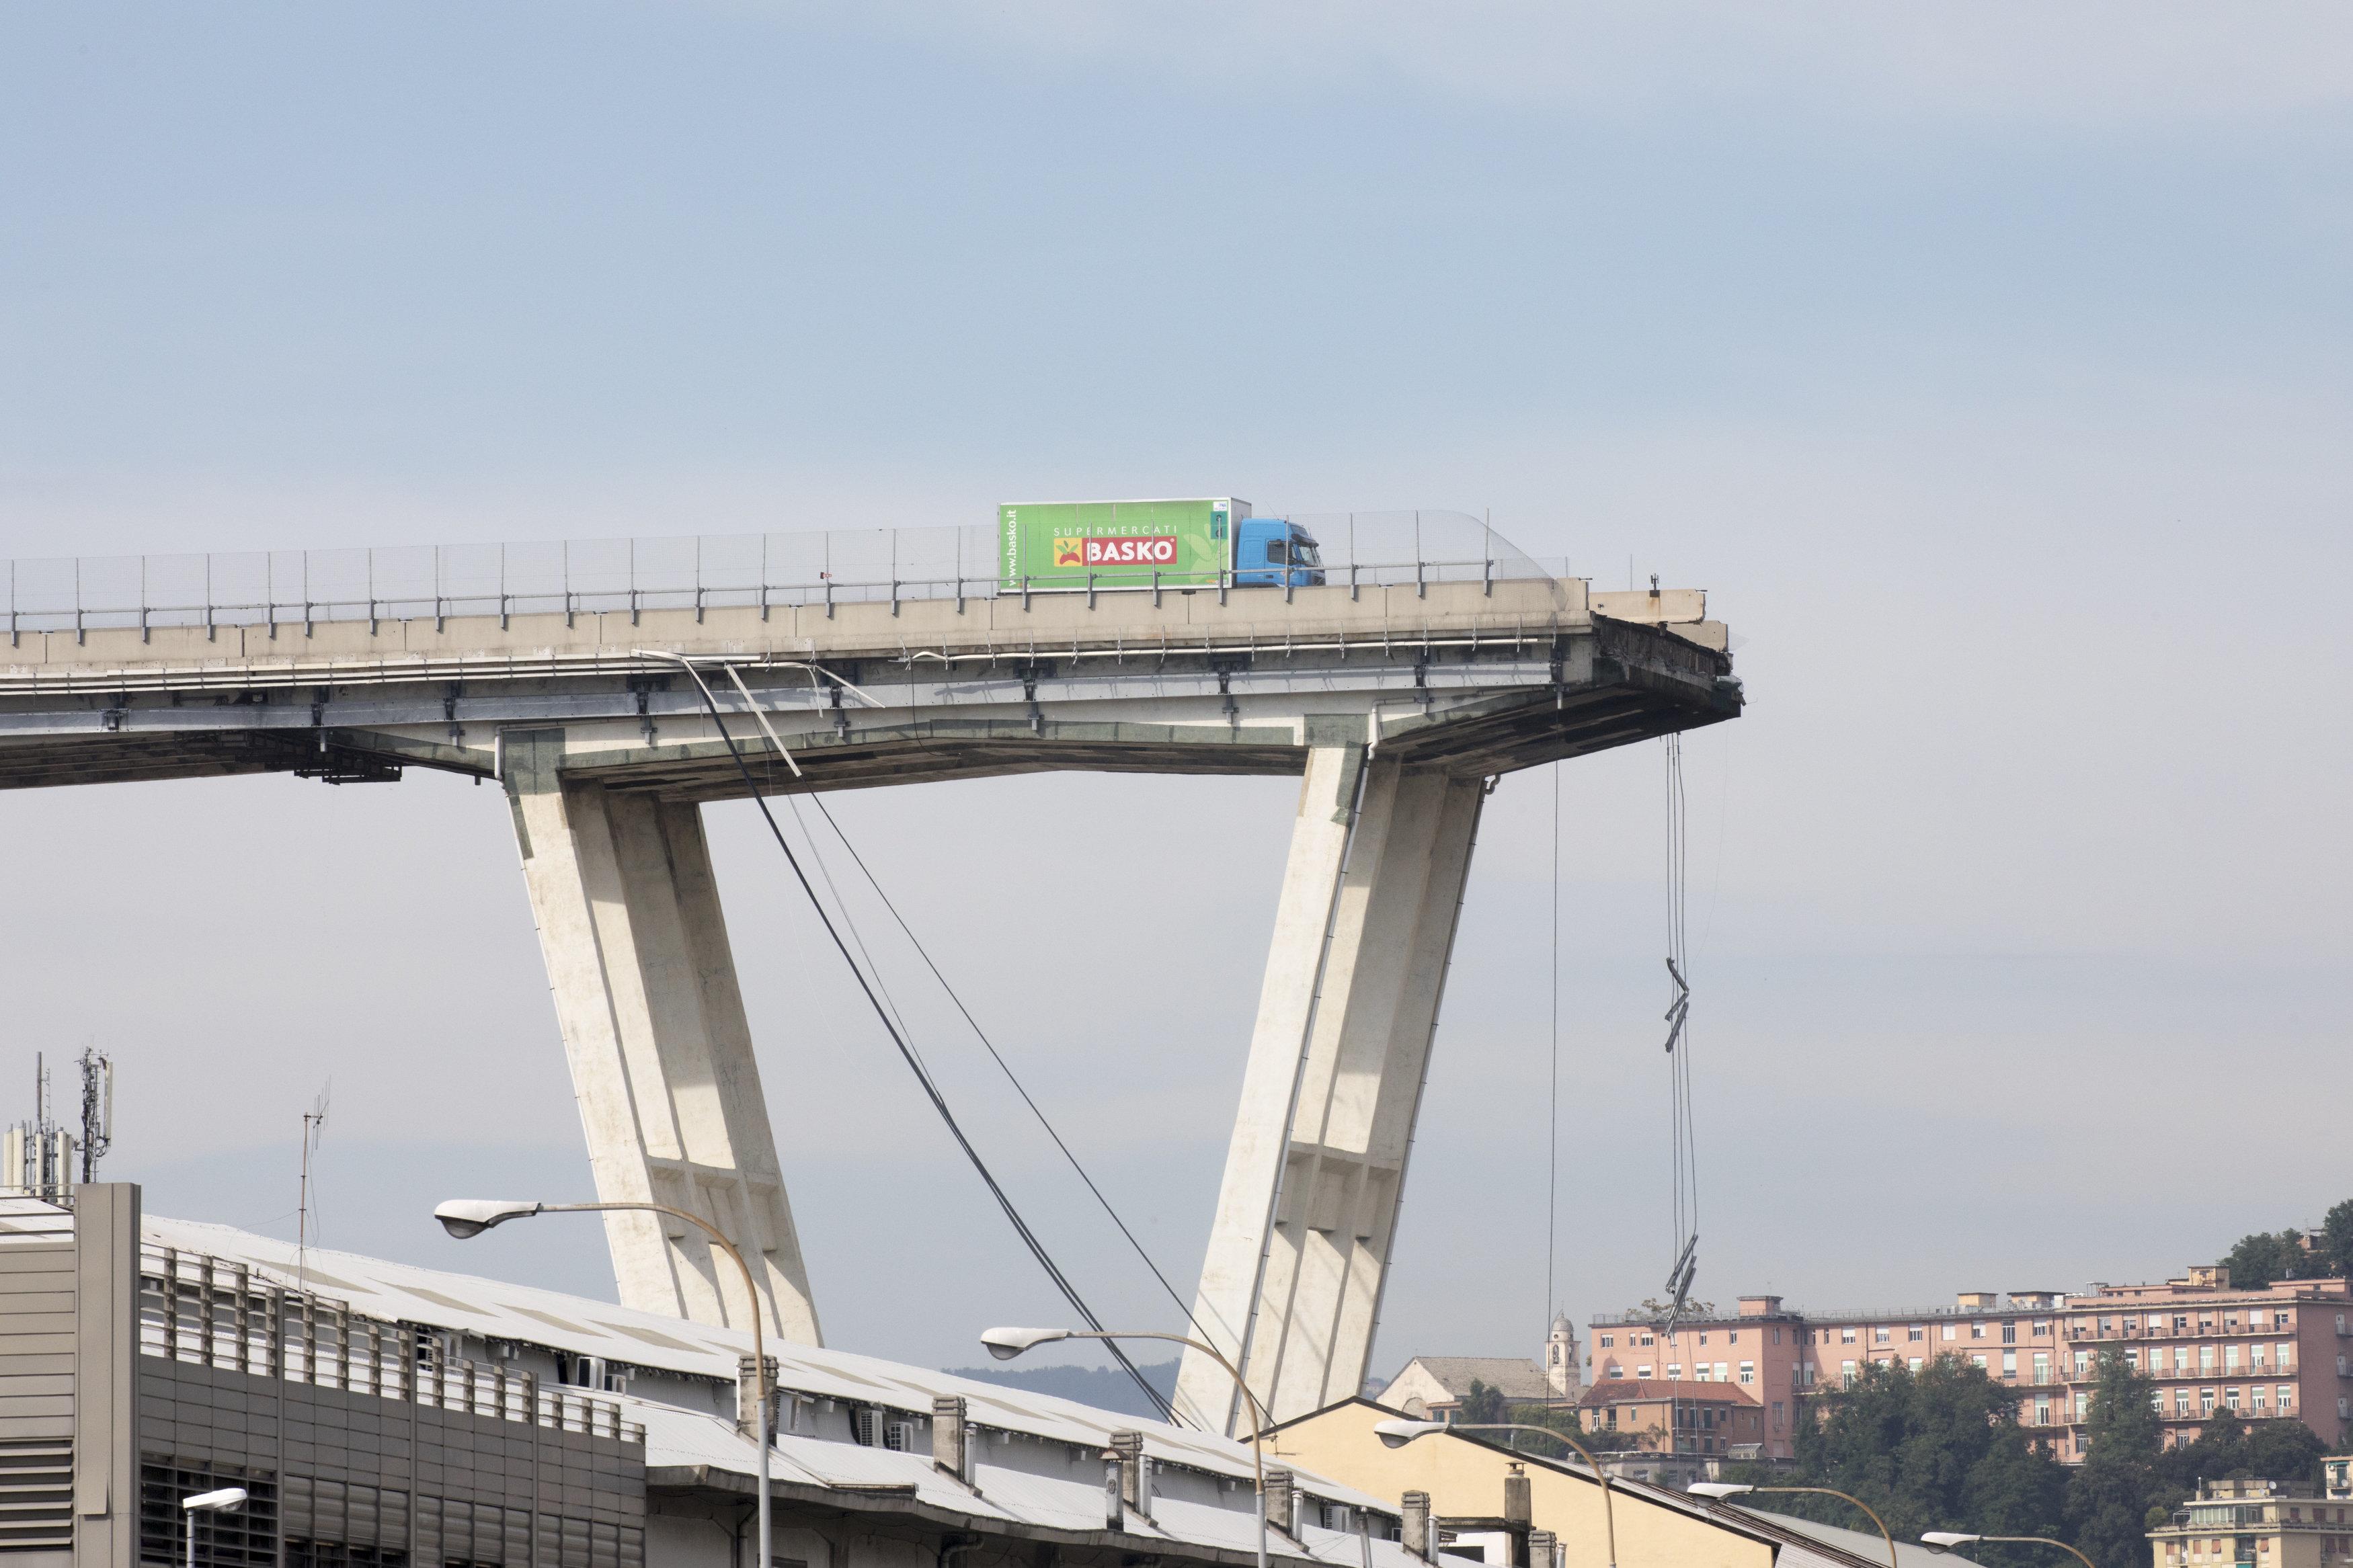 Lkw-Fahrer aus Genua beschreibt, wie vor ihm die Brücke